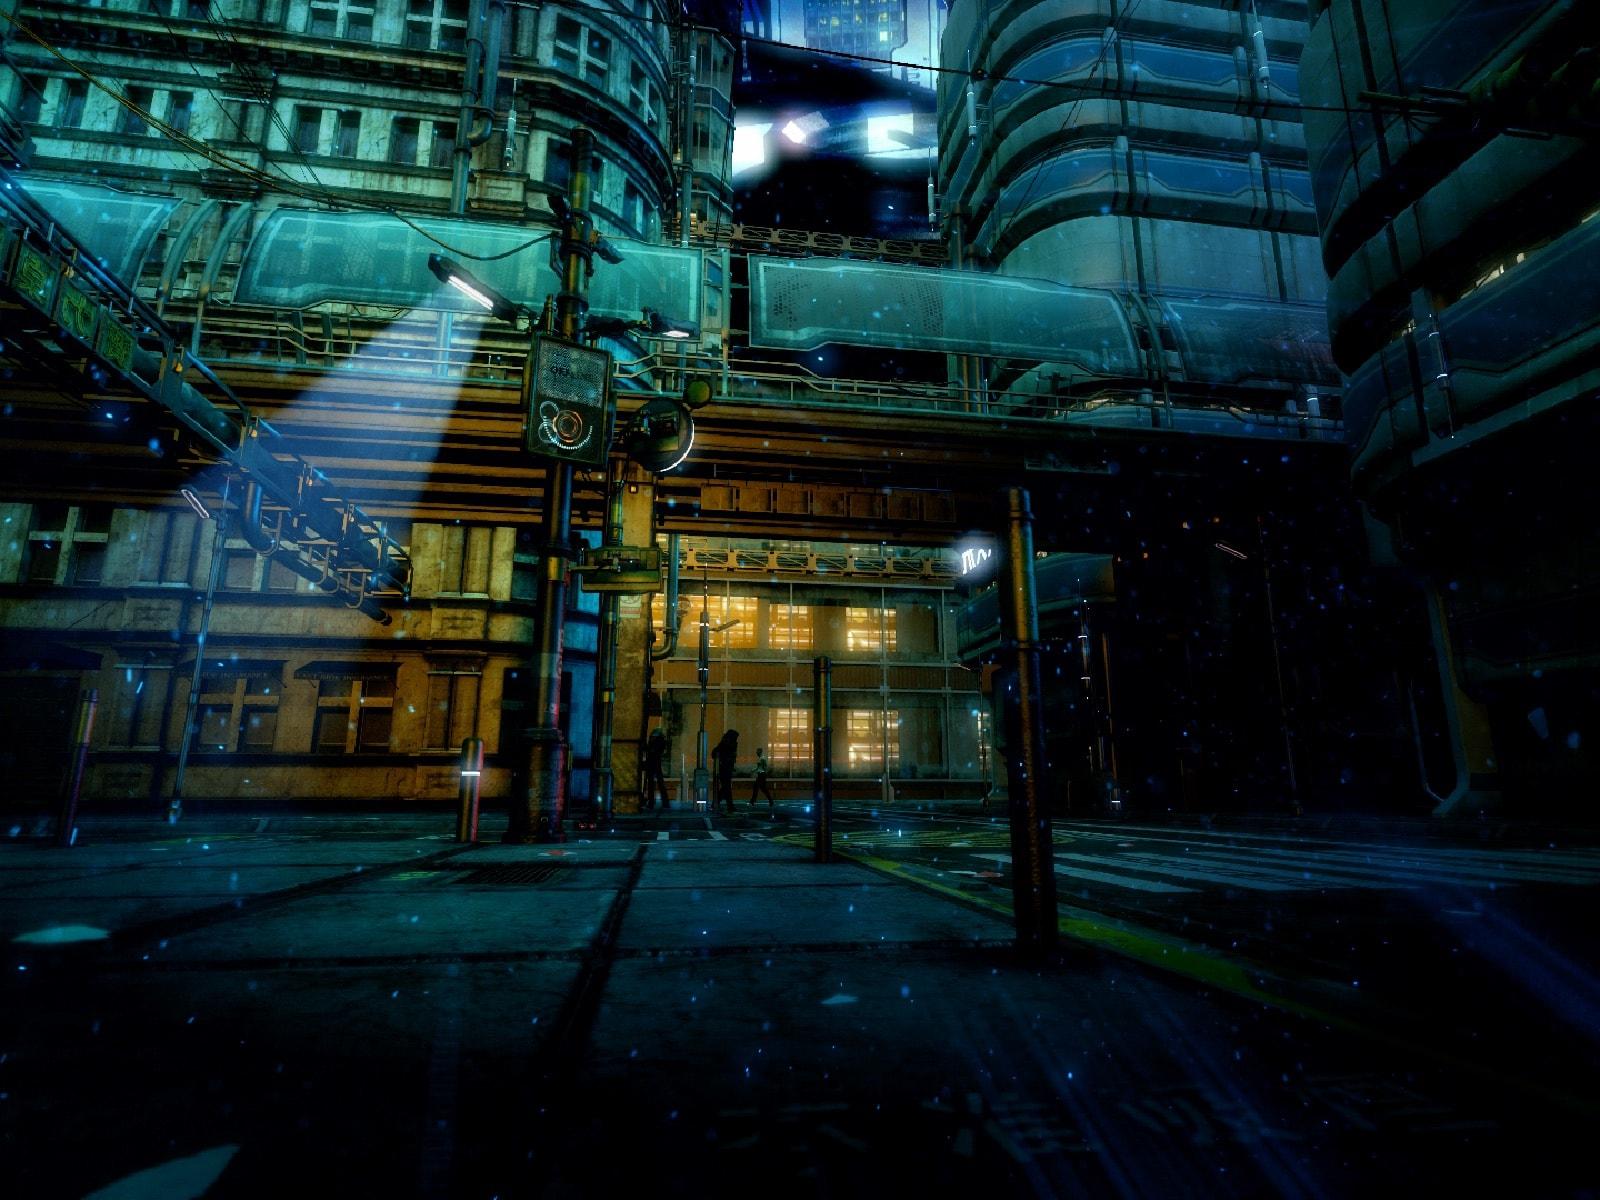 背景素材サイバーパンクの世界観と街の外観の背景イラストを一部追加